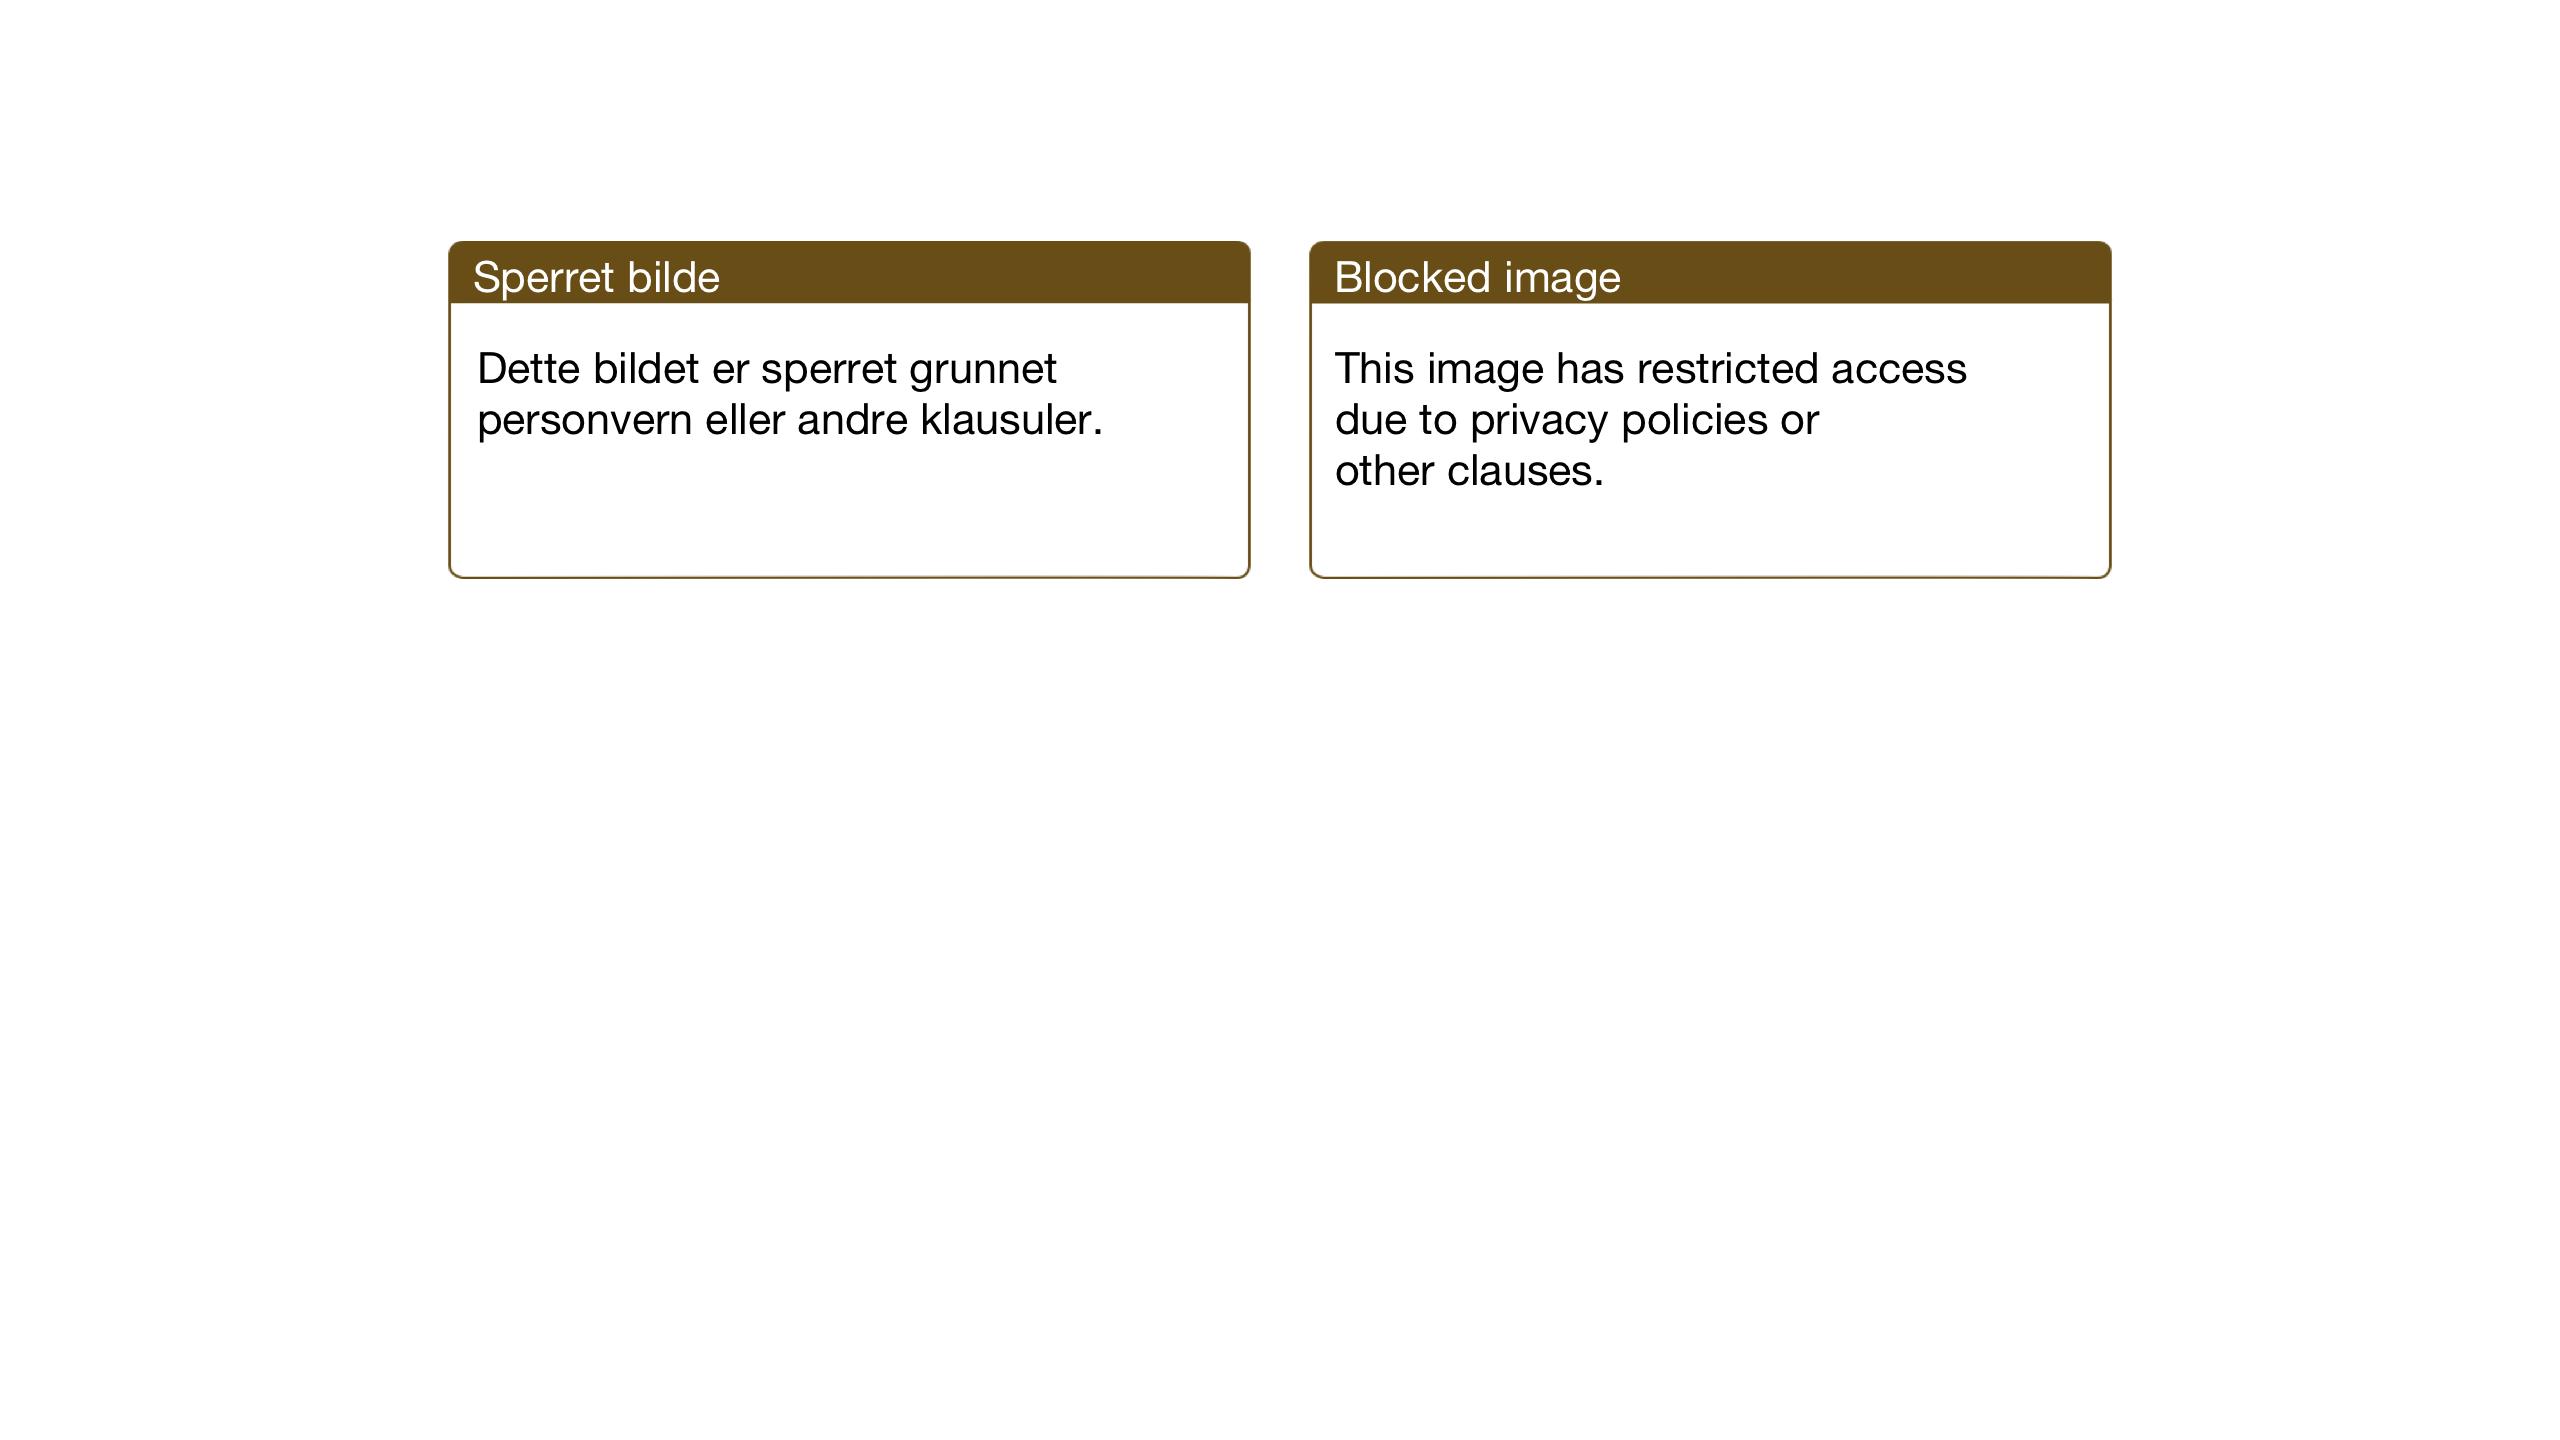 SAT, Ministerialprotokoller, klokkerbøker og fødselsregistre - Nord-Trøndelag, 722/L0227: Klokkerbok nr. 722C03, 1928-1958, s. 79